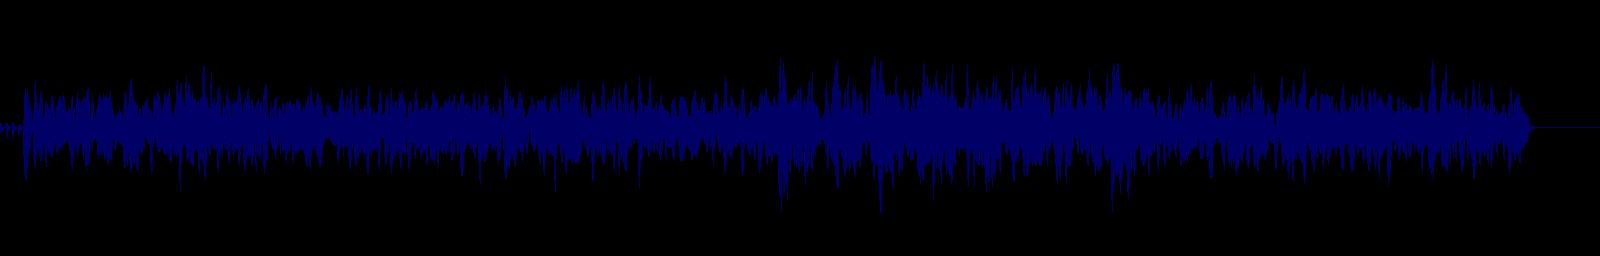 waveform of track #122074